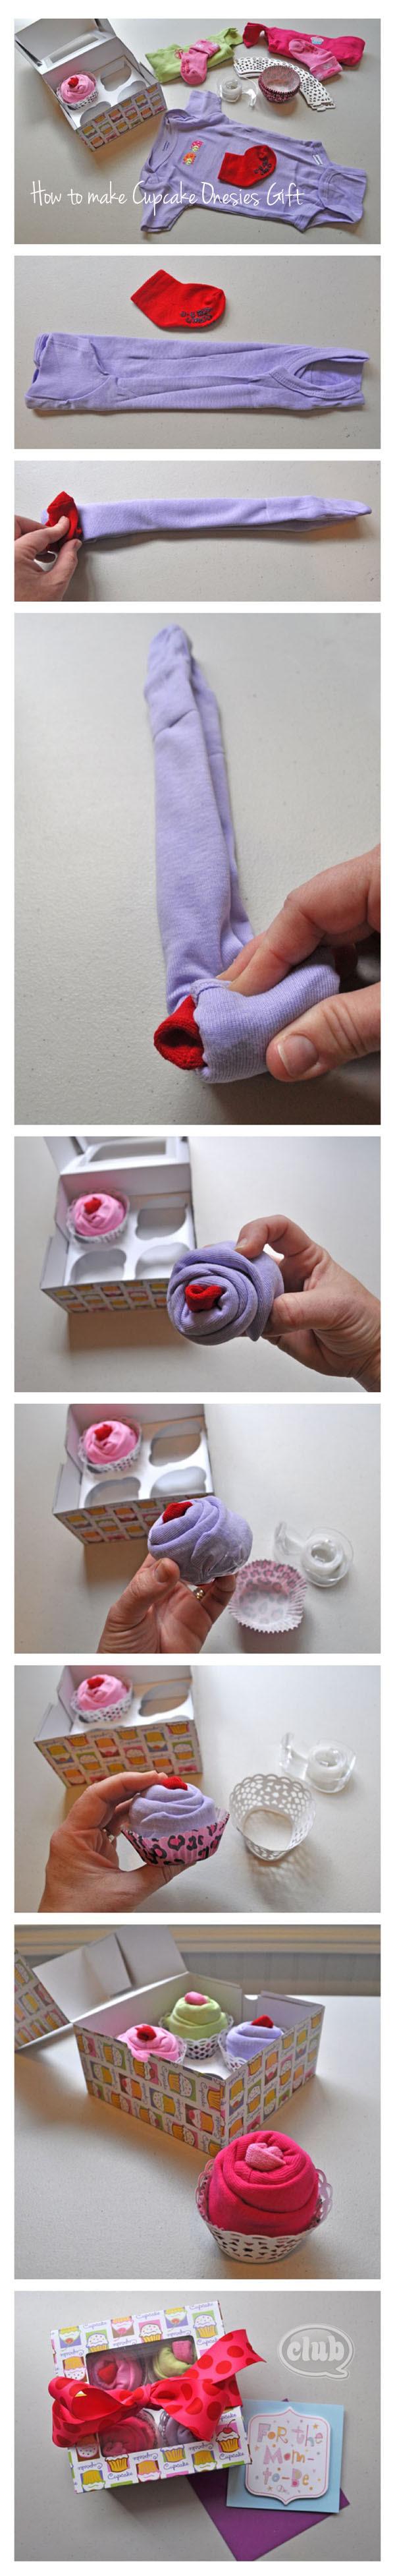 tulum-bebek-giysi-katlama-hediye-cup-cake